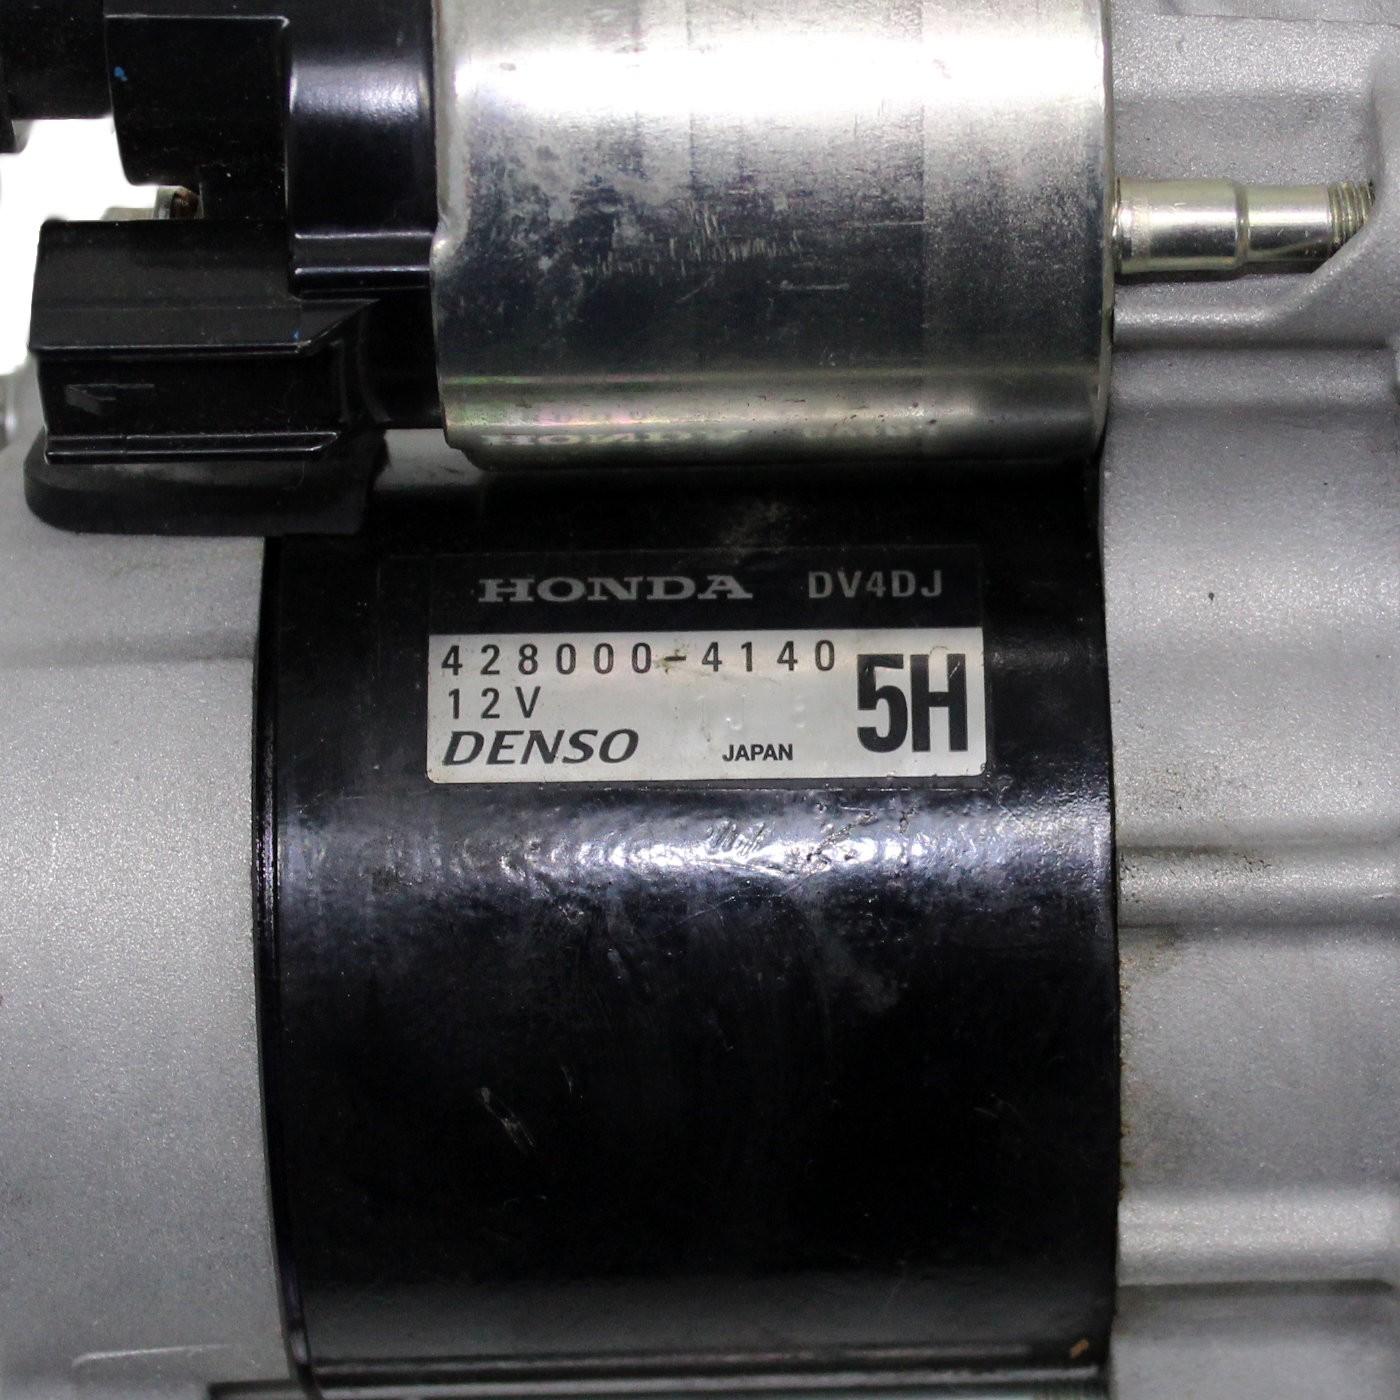 Motor de Arranque Partida Honda Fit 1.5 Automatico 280004140